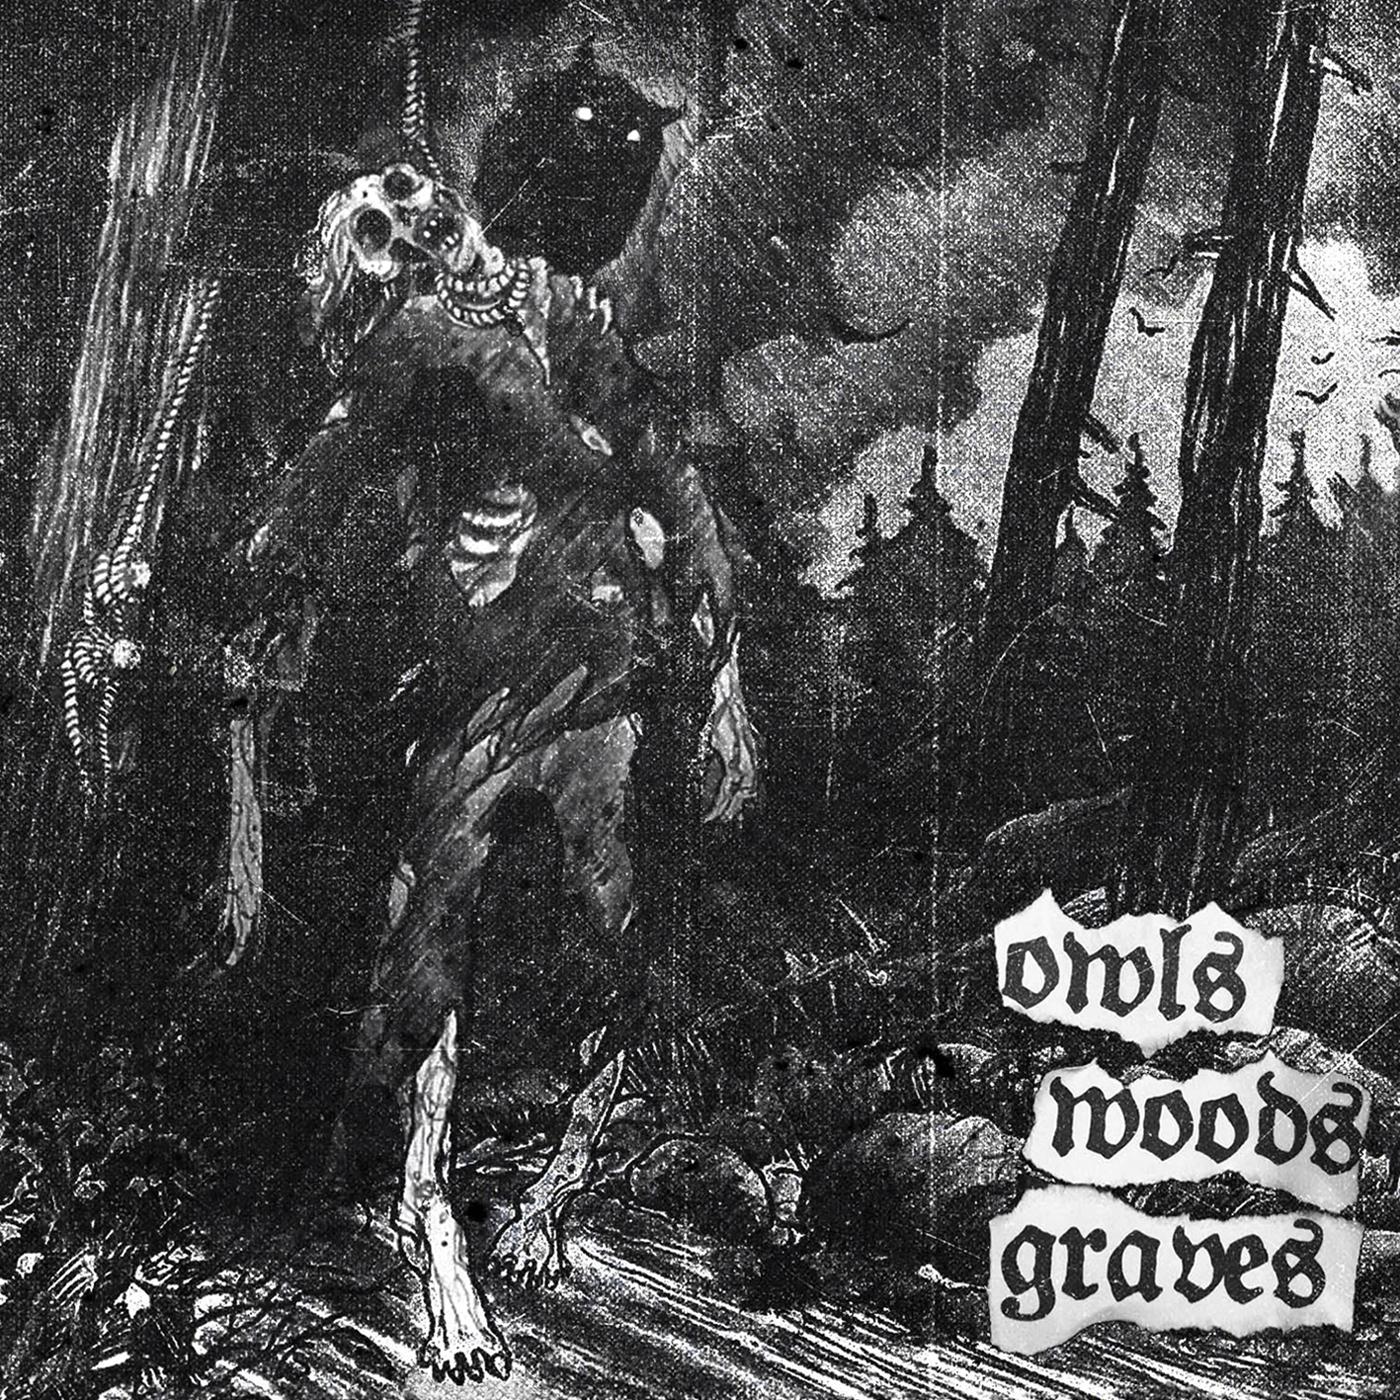 Emoción Violenta: Owls Woods Graves